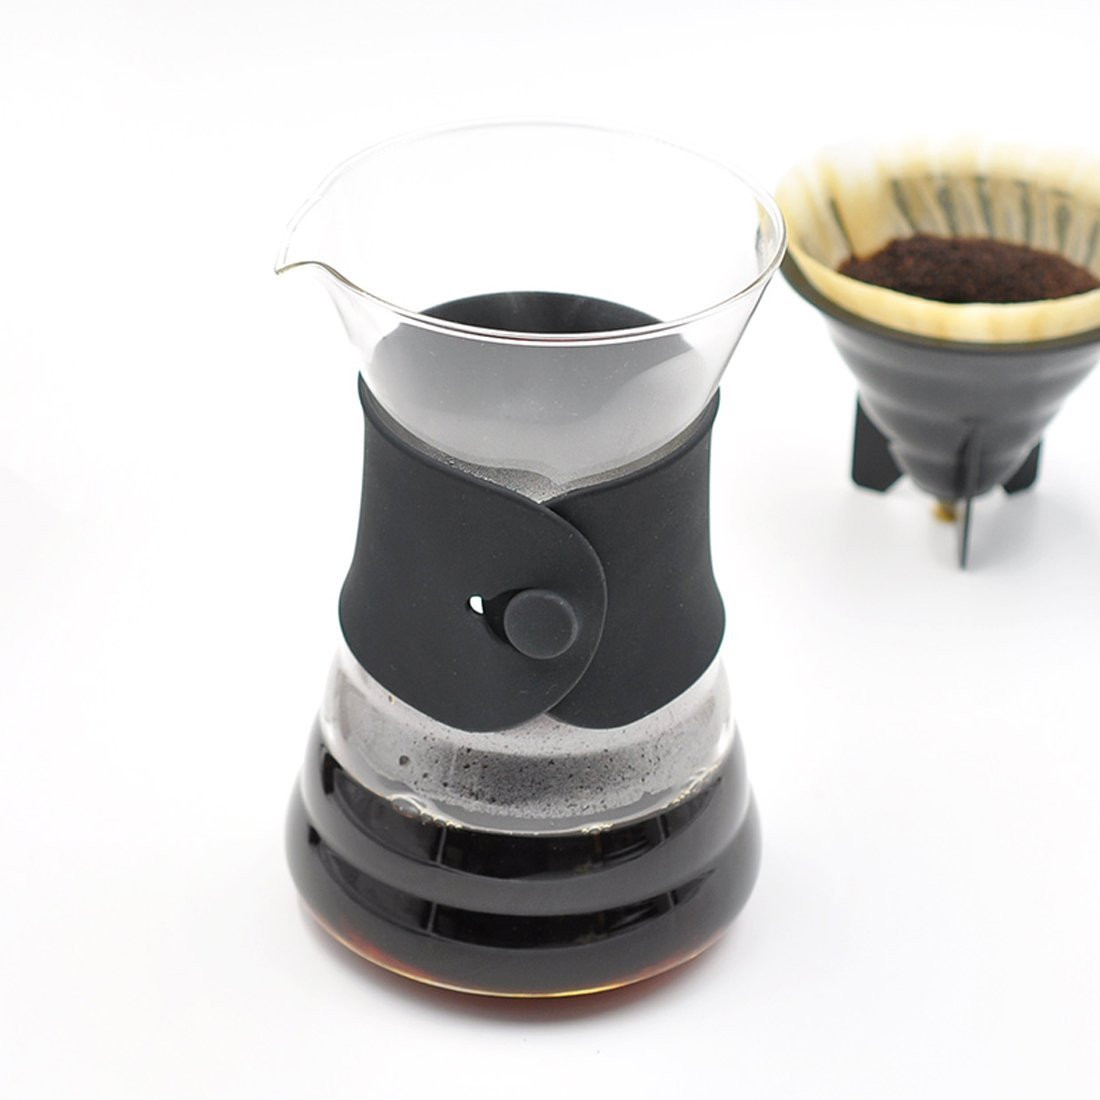 Керамическая воронка-дриппер для заваривания кофе пуровер 61223000900005, 350 мл, оранжевый (flame), серия чайники и все для чая, le creuset